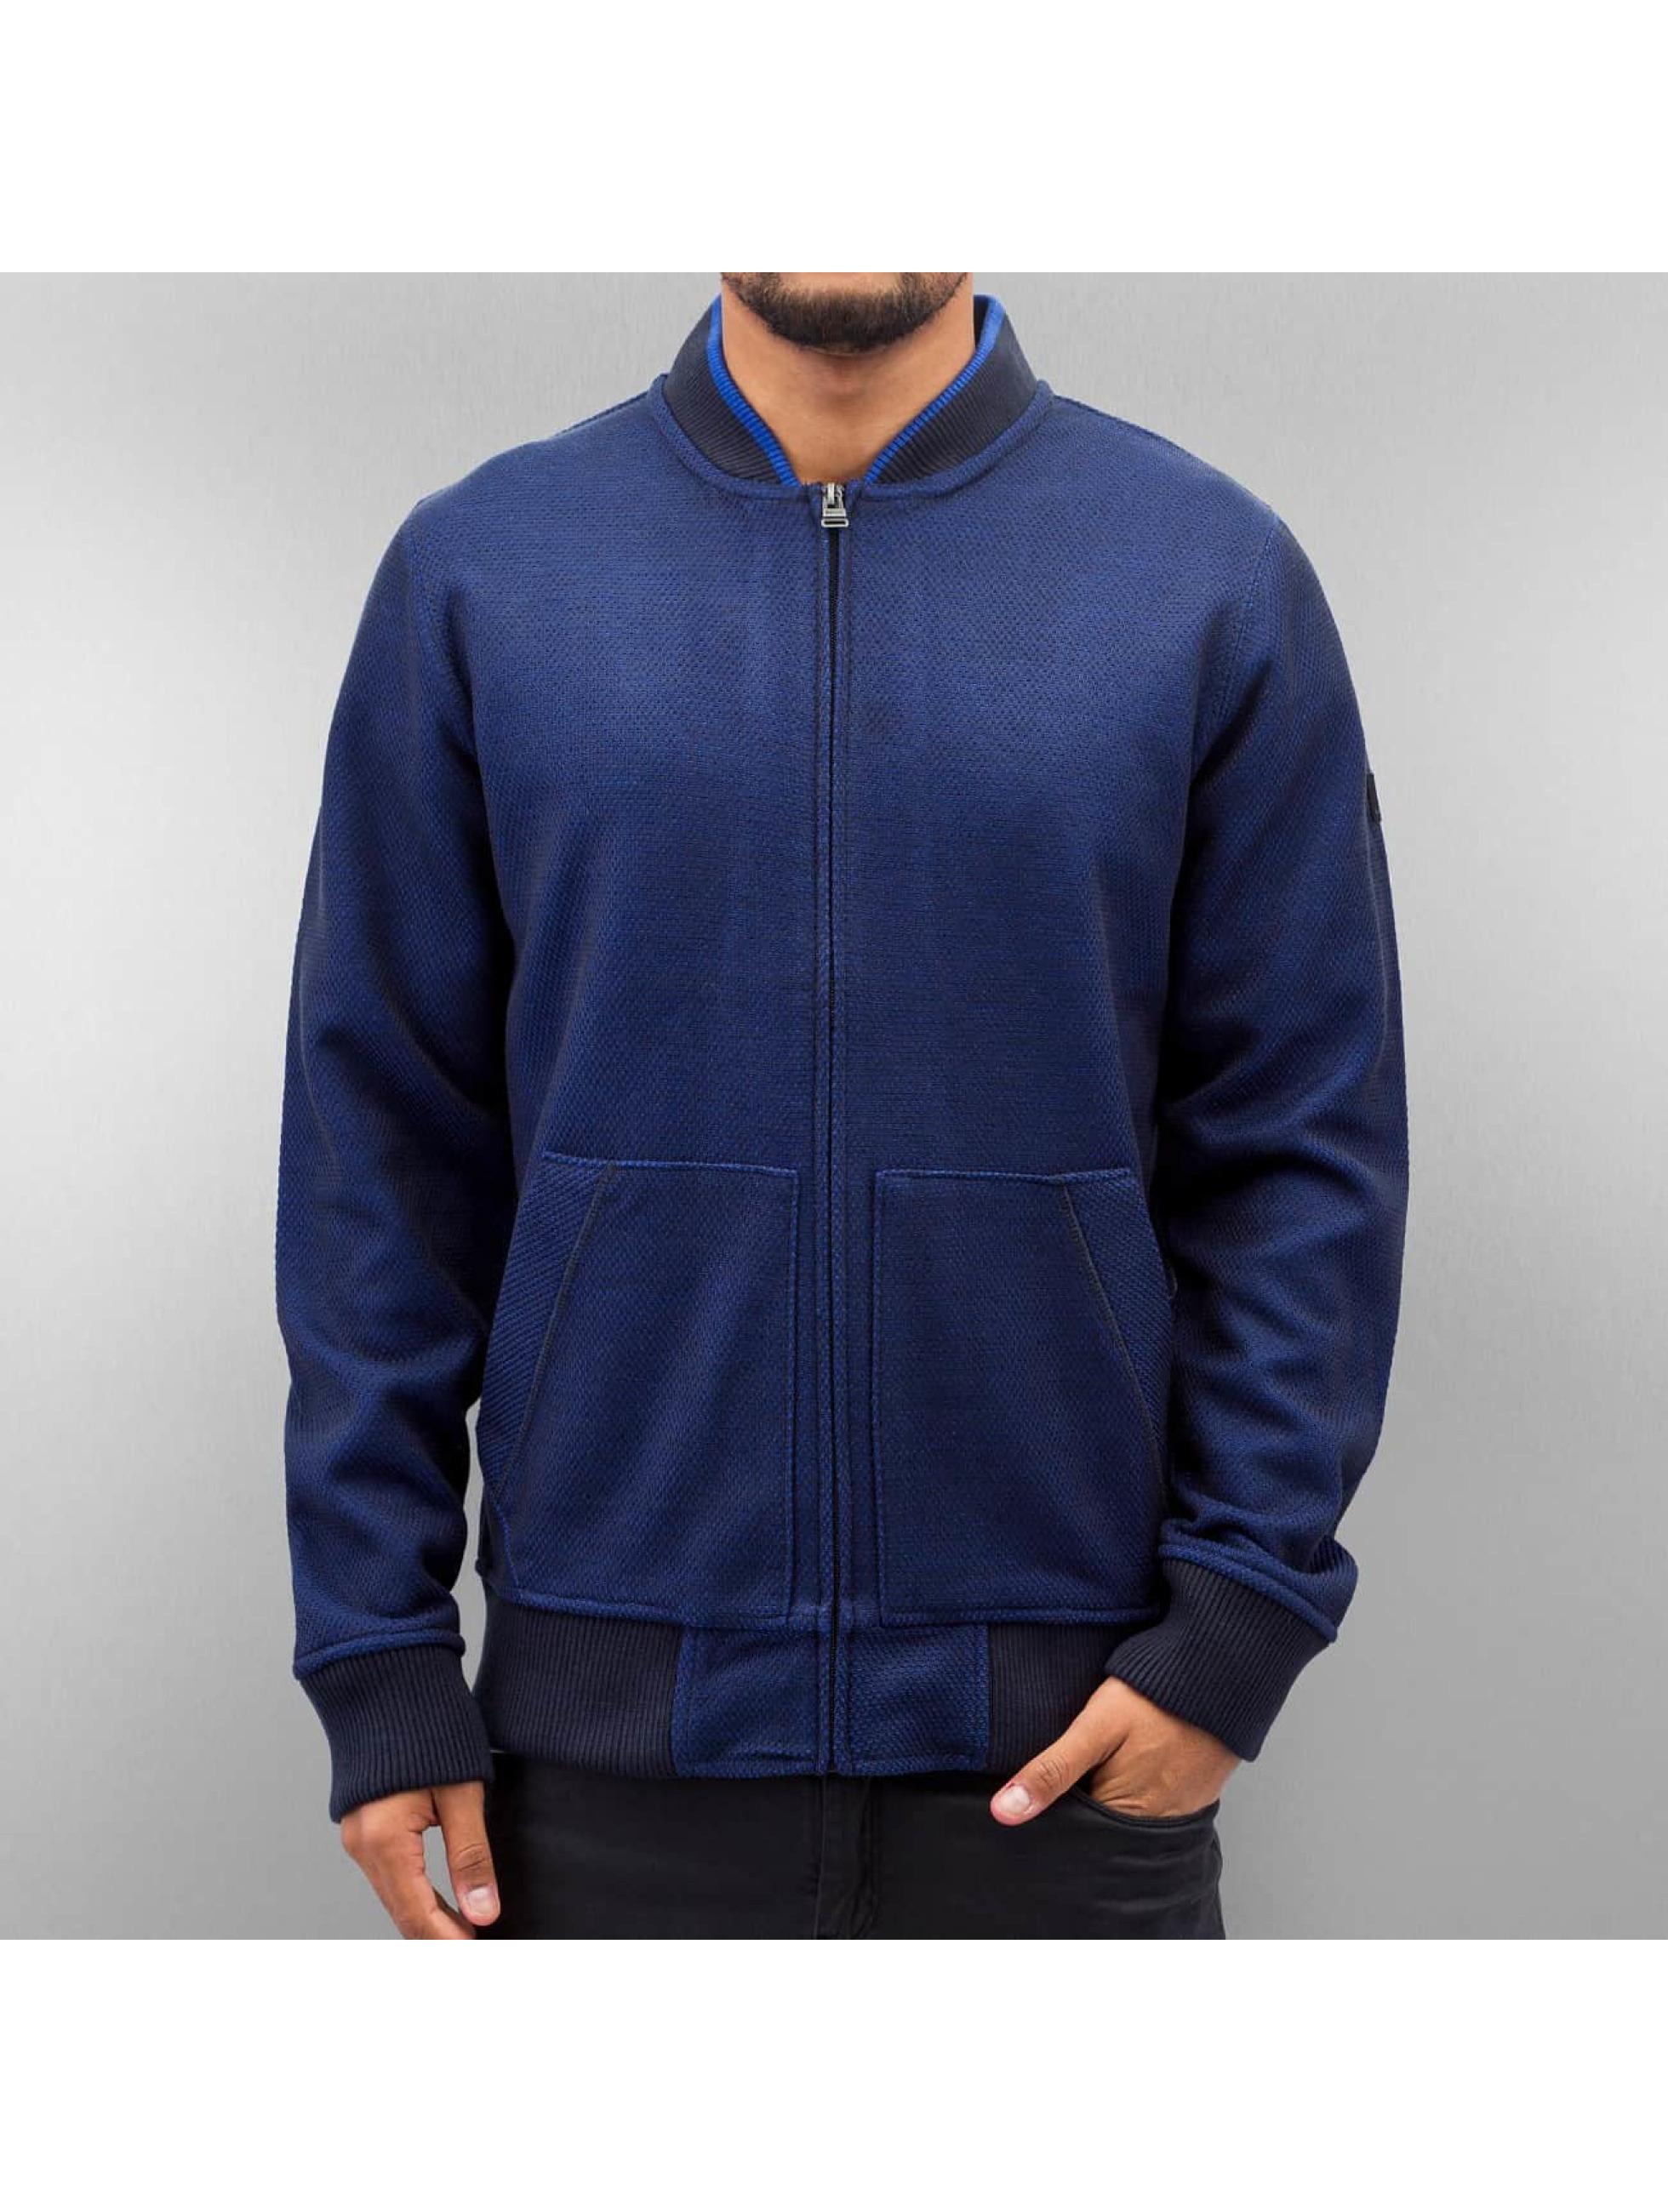 Bench College Jacket Knack blue